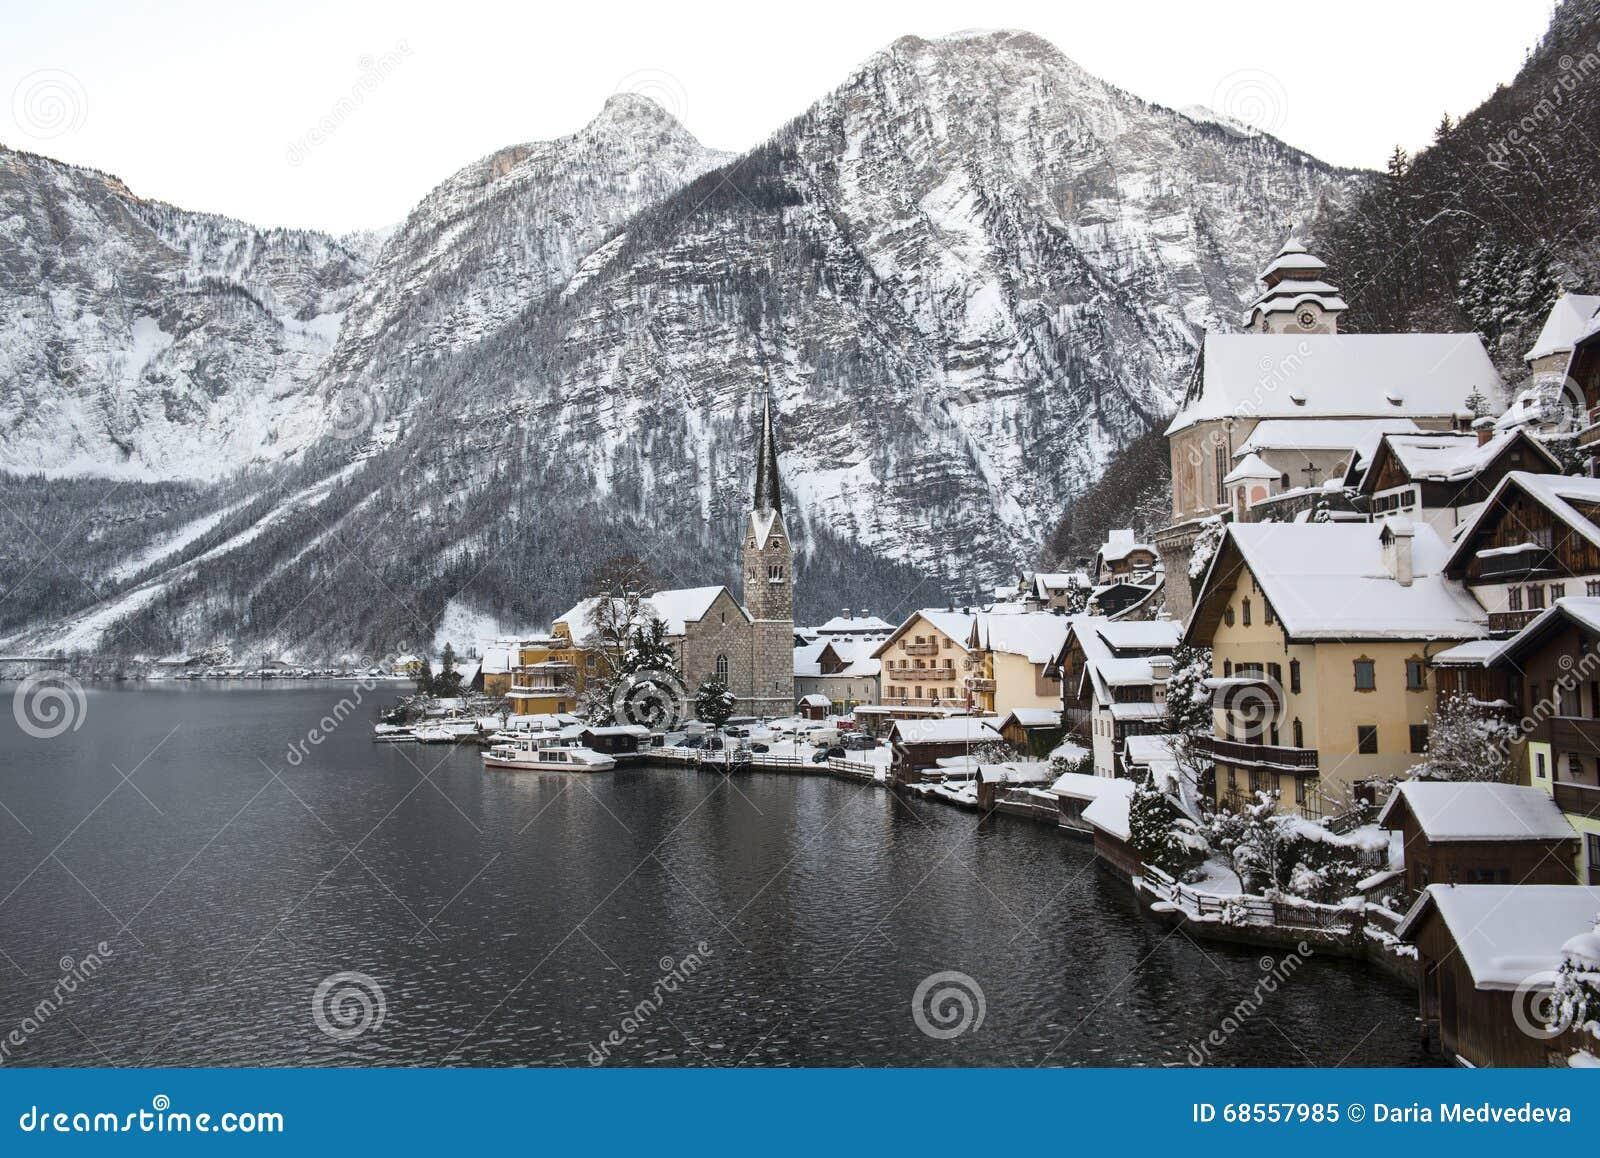 Paisaje del invierno con las montañas y pequeña ciudad Hallstatt e iglesia famosa, Austria